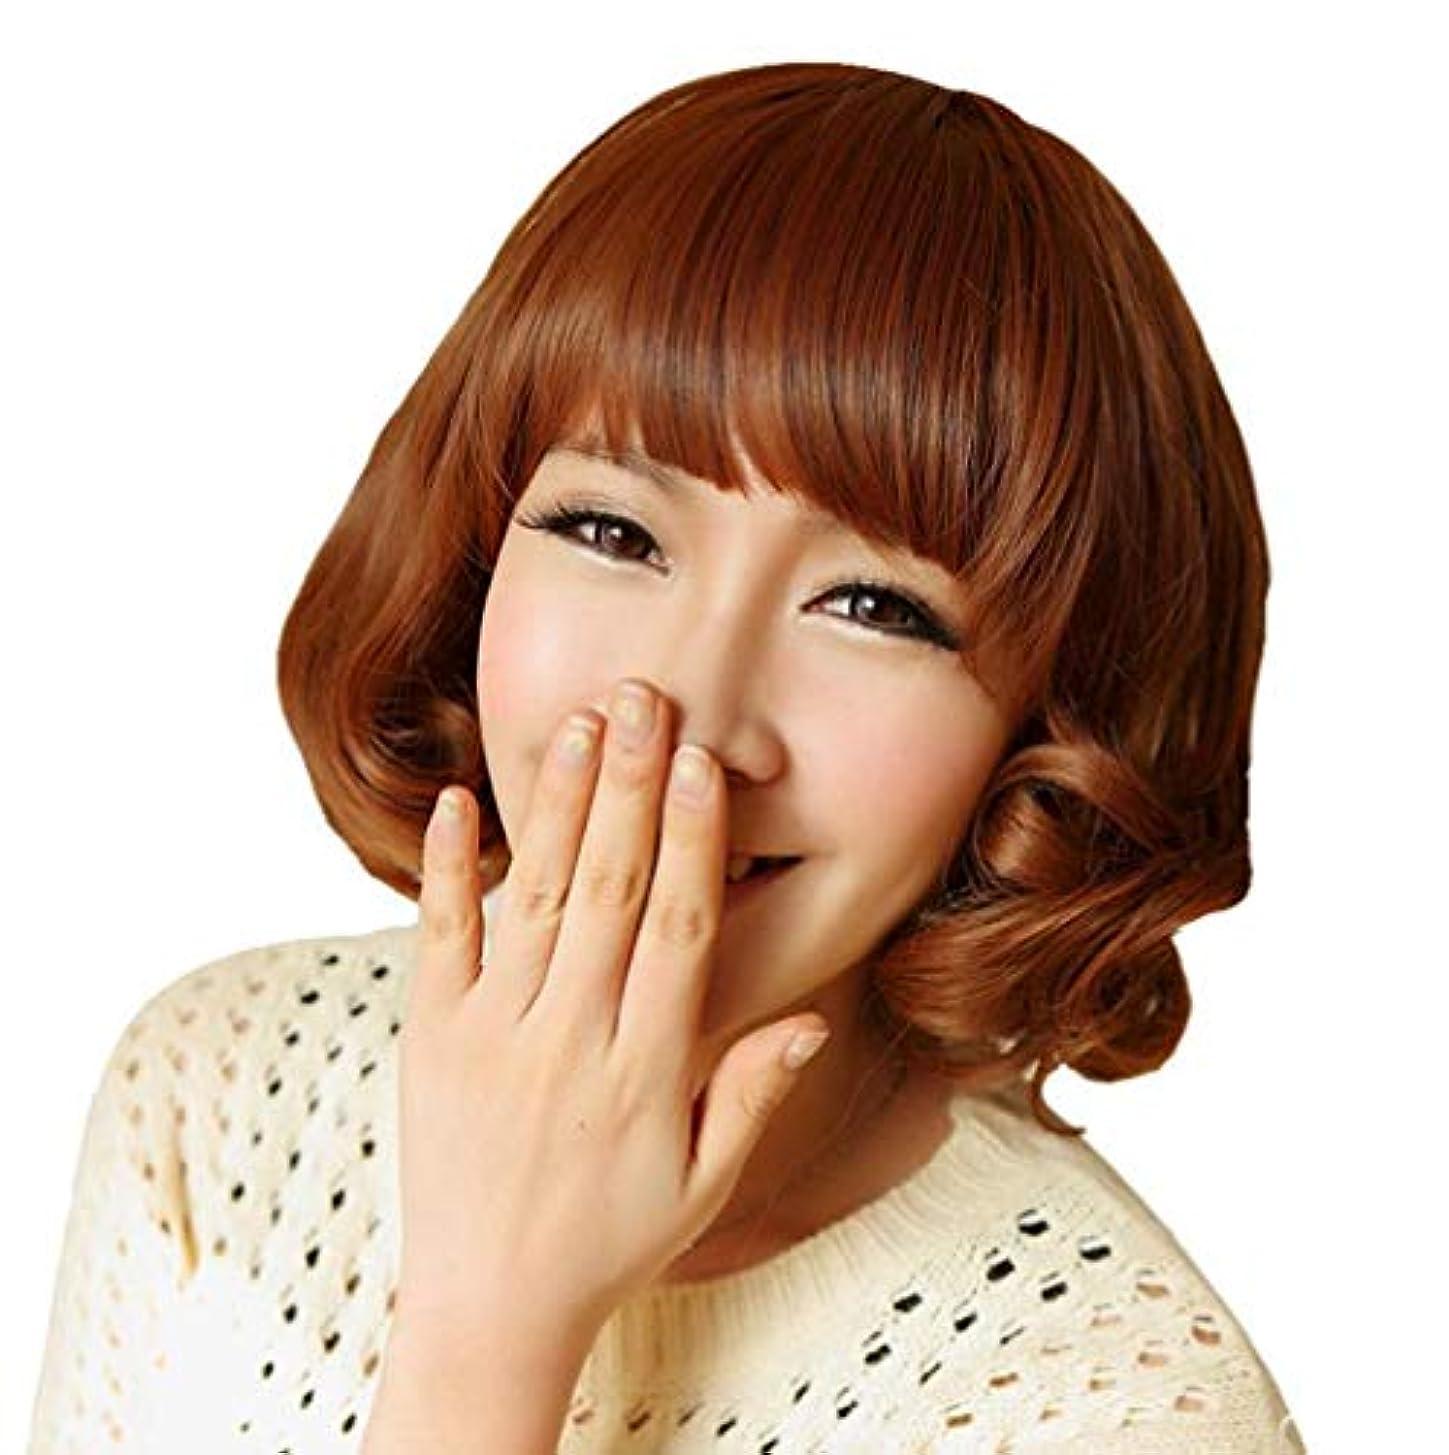 マトリックス見つけた舌なかつら女性ショートヘアボボヘッド空気前髪現実的な髪型 LH2206 (画像の色)